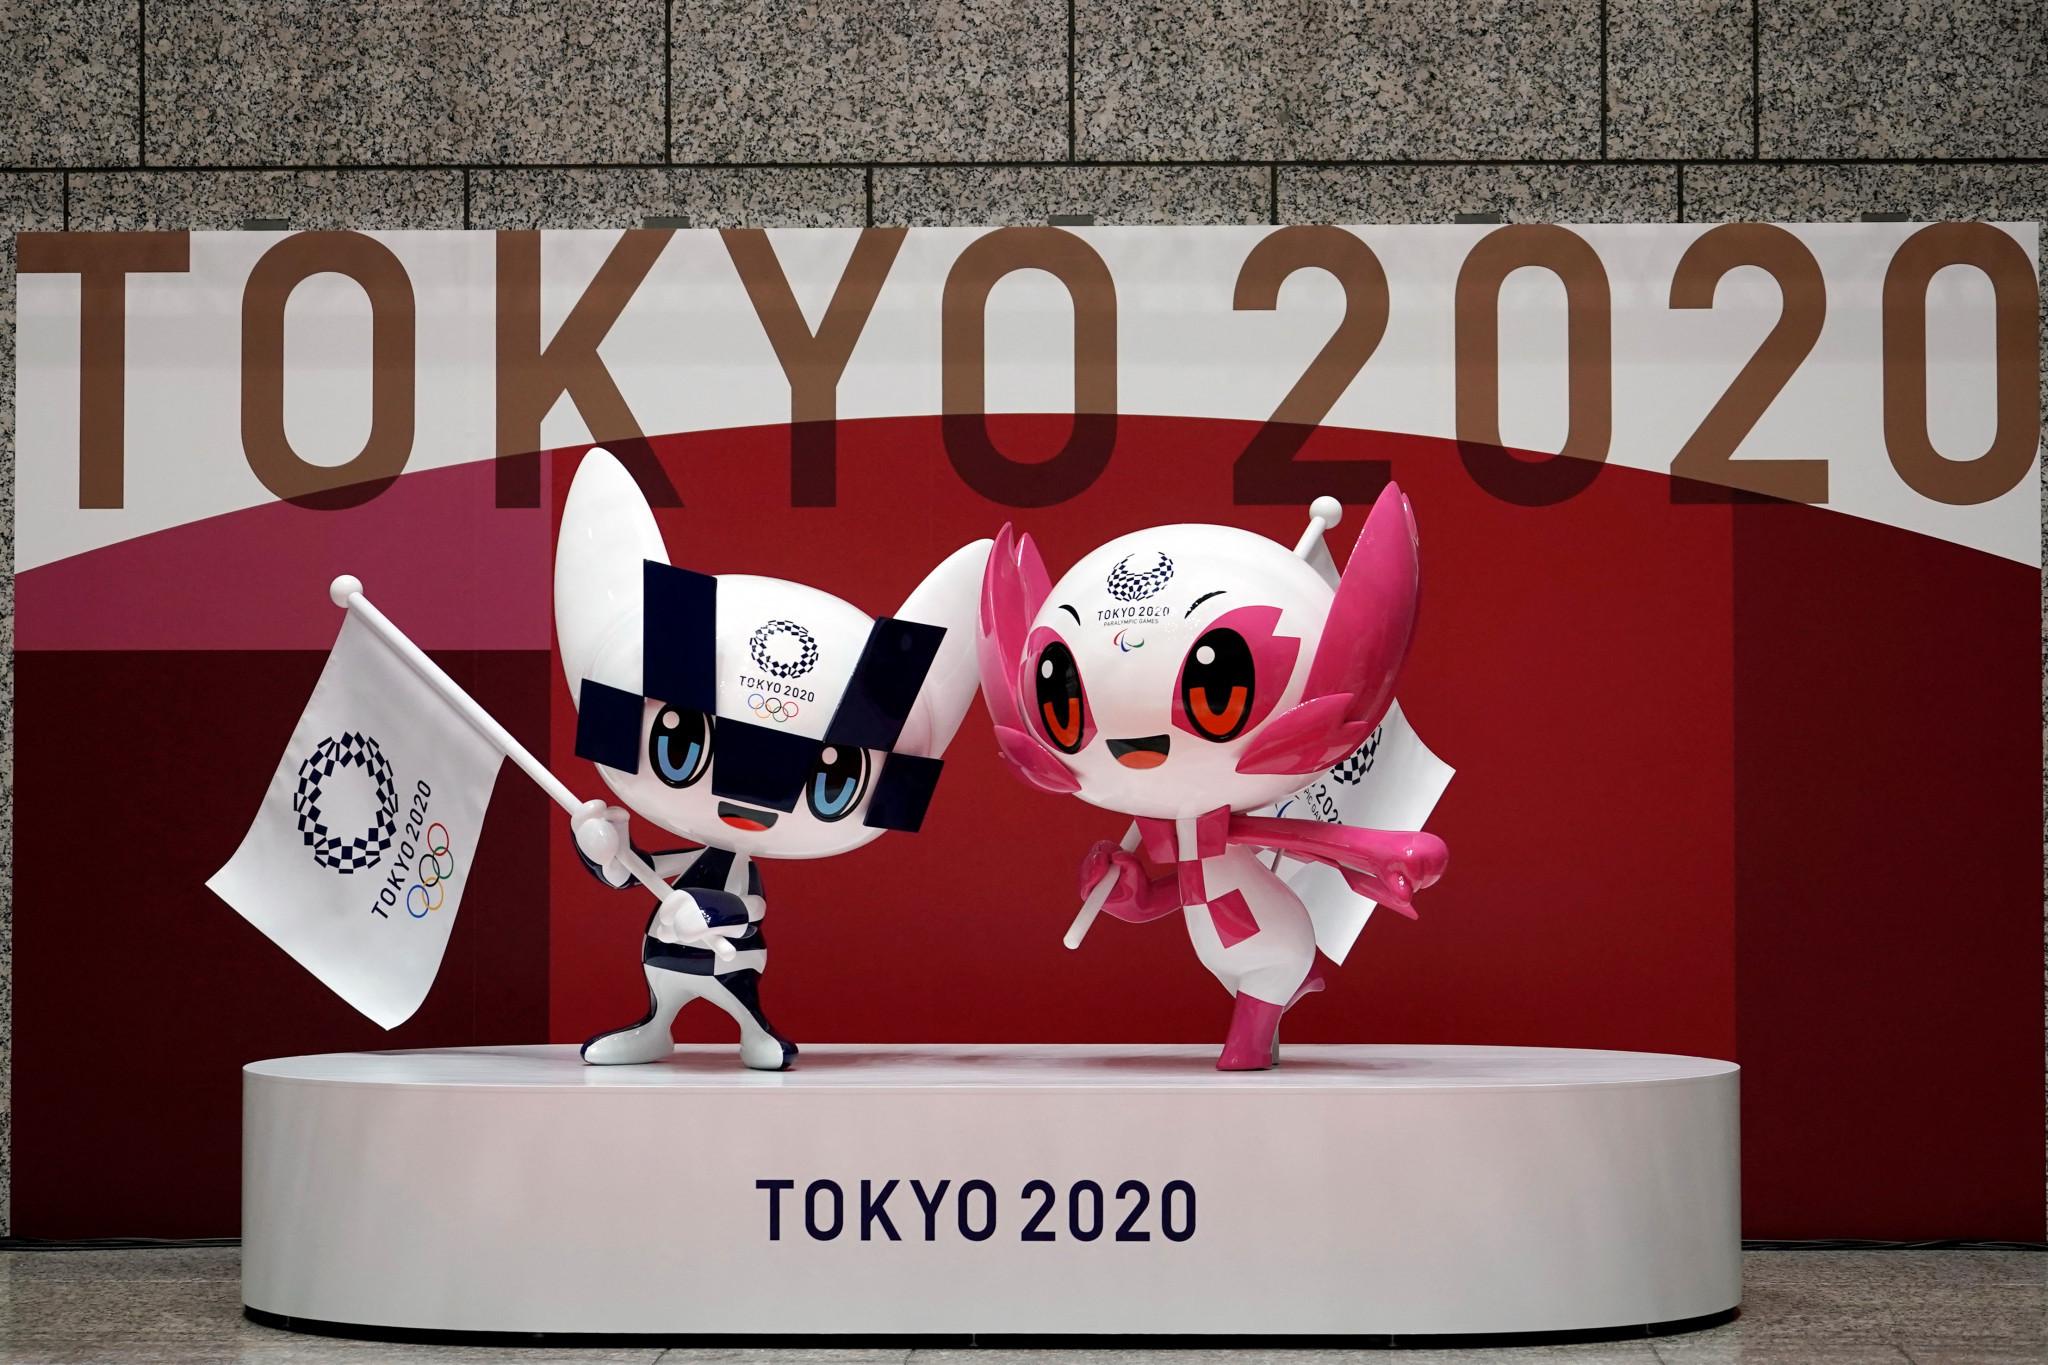 Le tirage au sort du ballon de but de Tokyo 2020 aura lieu la semaine prochaine © Getty Images